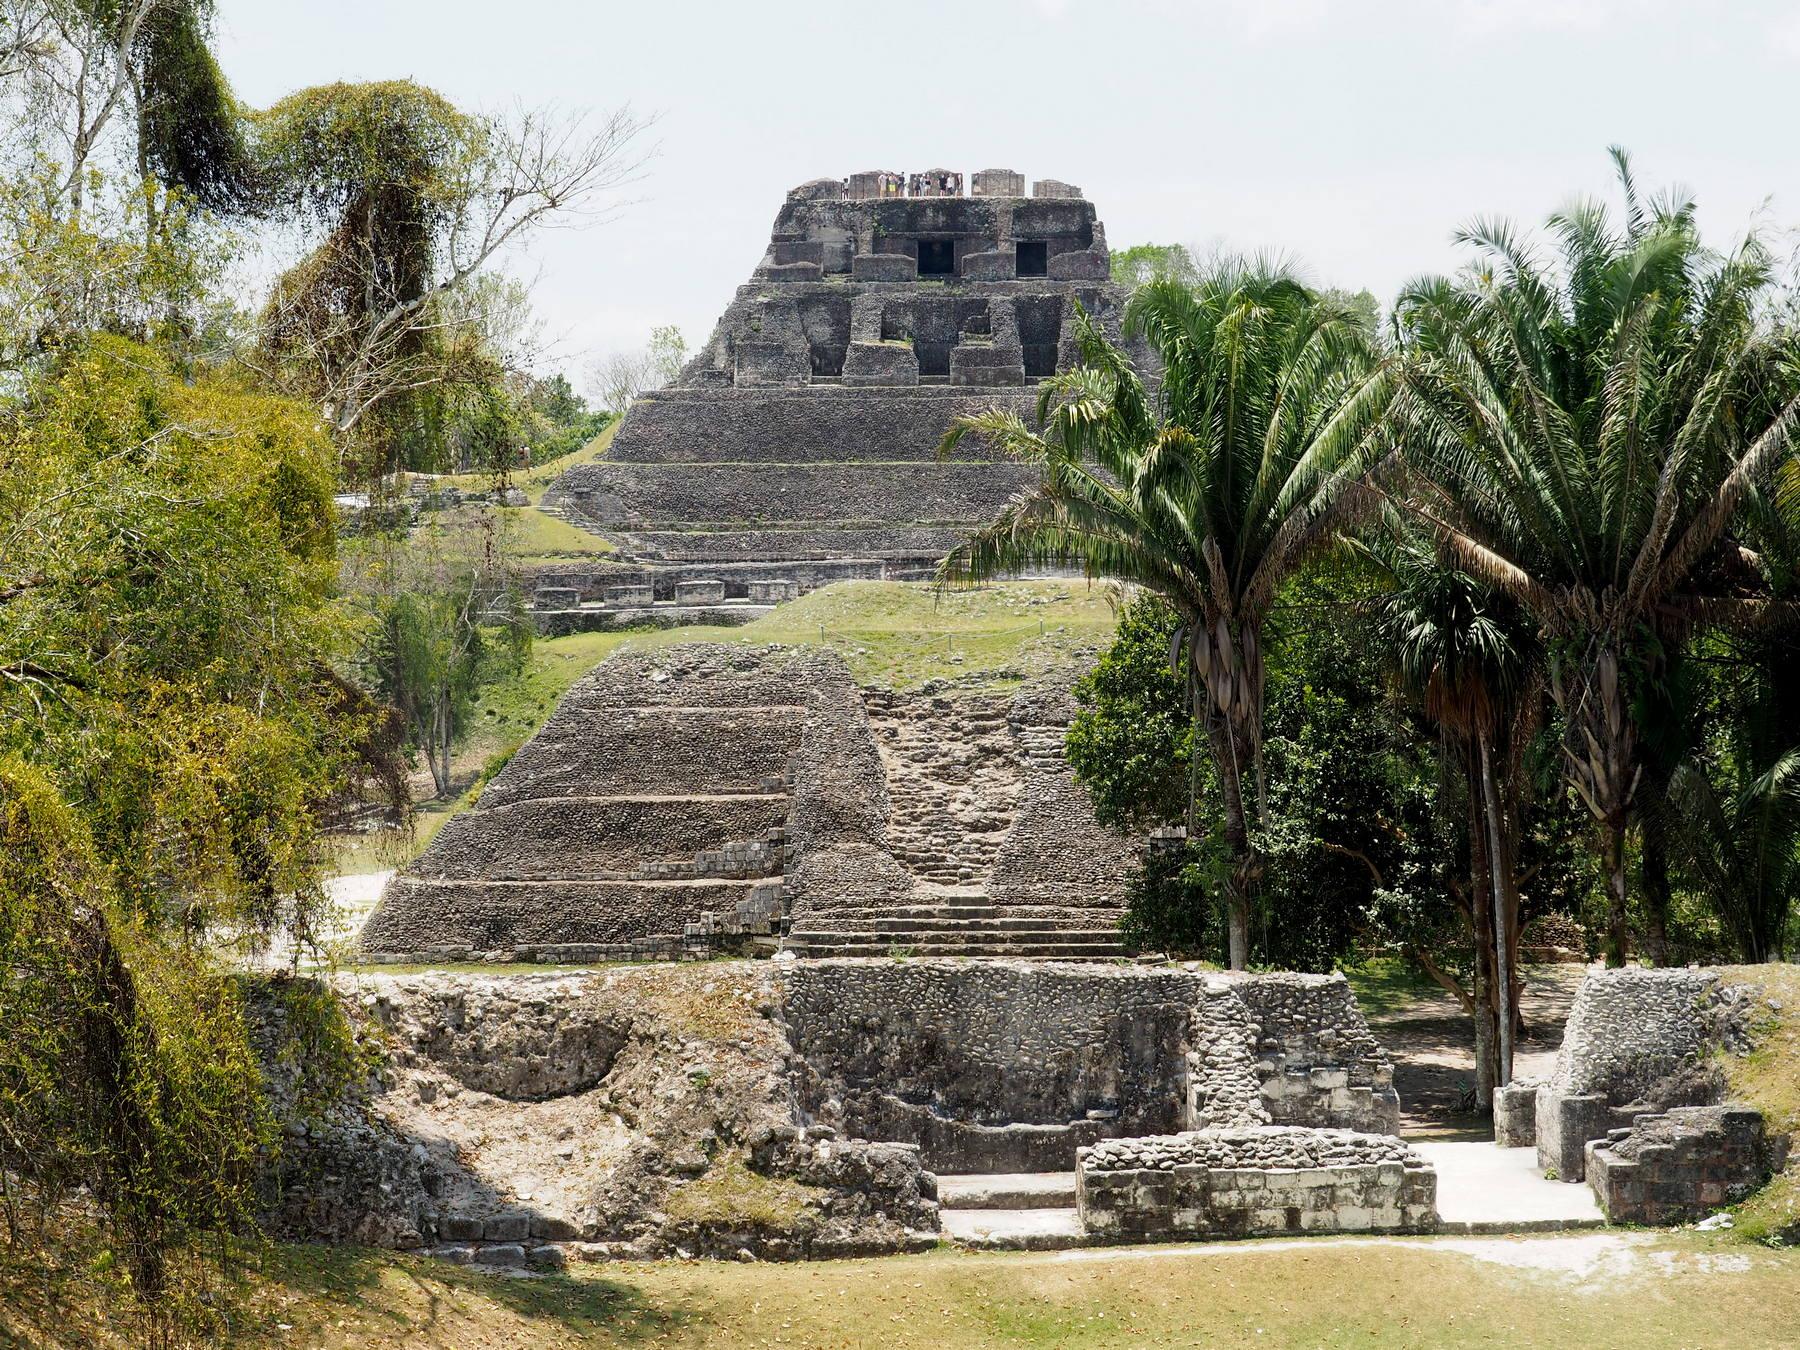 Sehenswerte Ruinen - im Hintergrund El Castillo